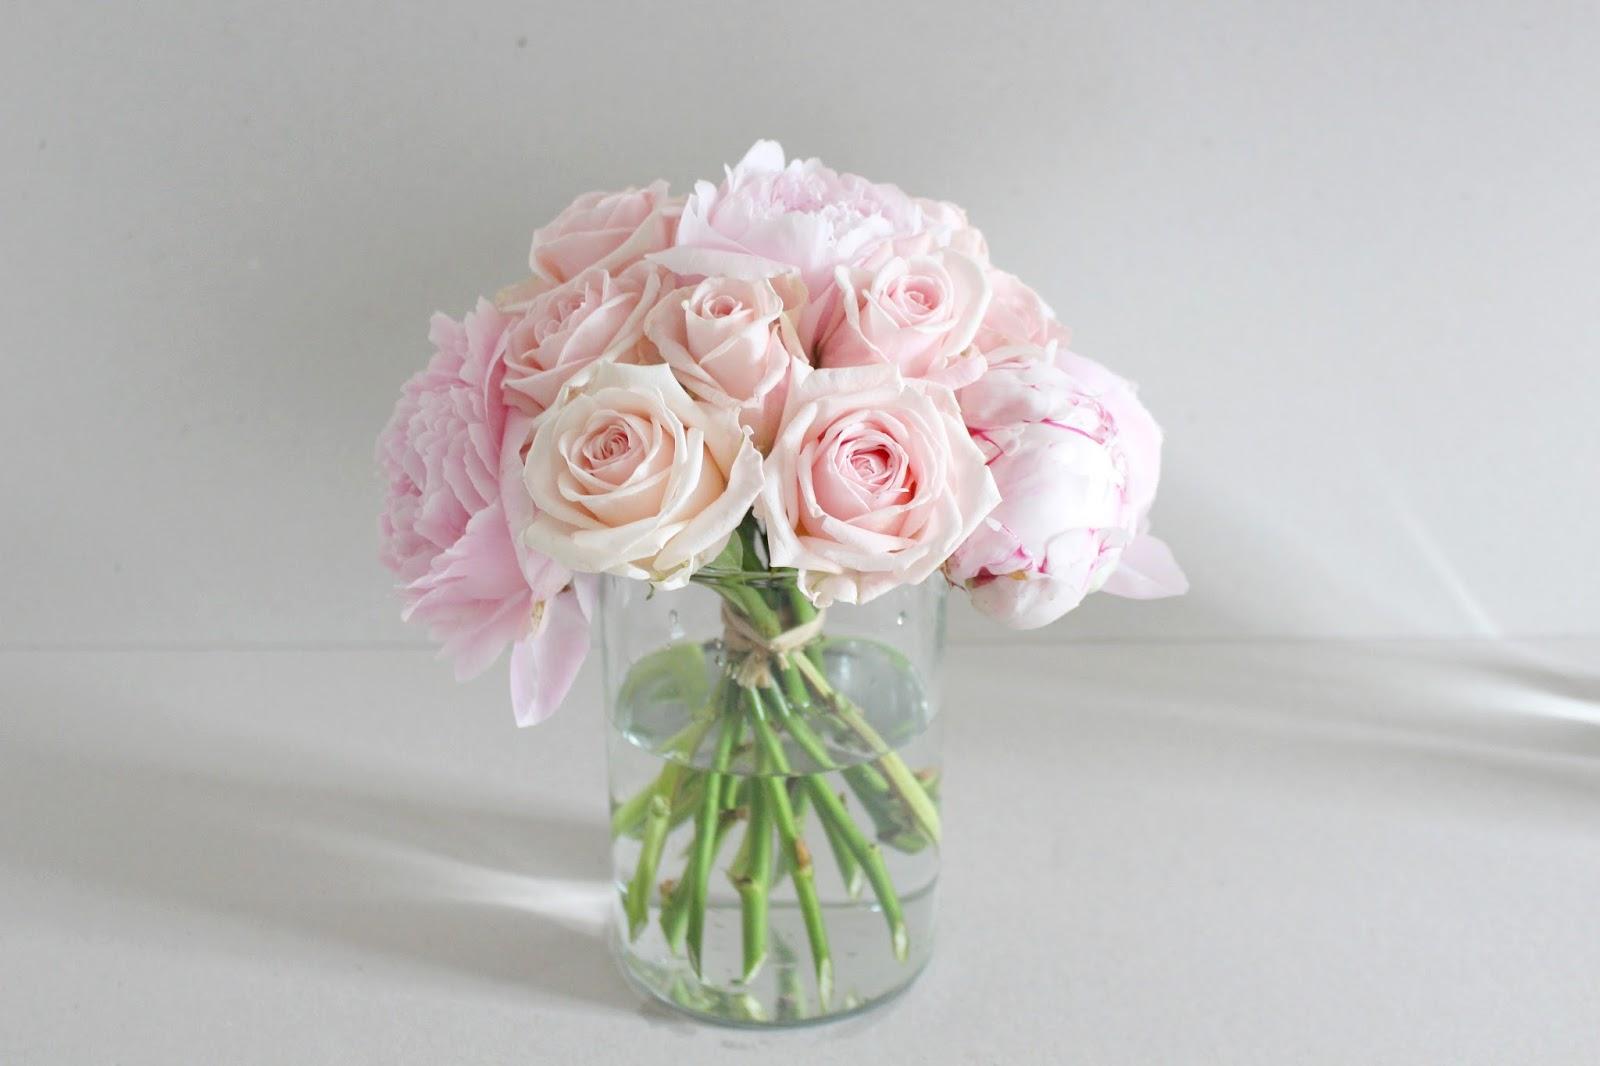 La petite boutique de fleurs fleuriste mariage lyon fleuriste mariage rh ne un mariage de - Bouquet pivoine mariage ...